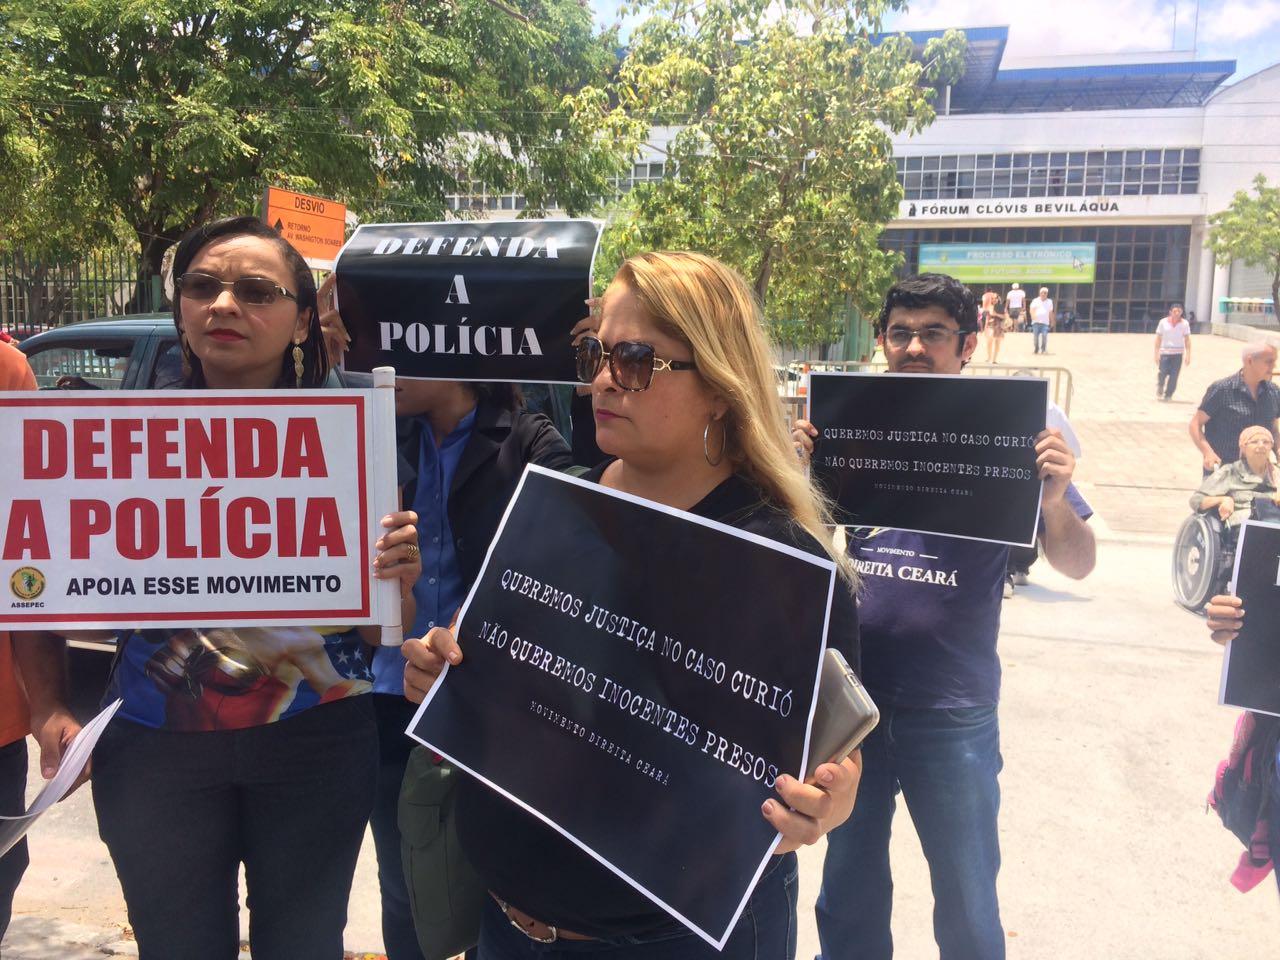 Familiares de policiais afirmam que alguns dos PMs presos não possuem envolvimento no crime